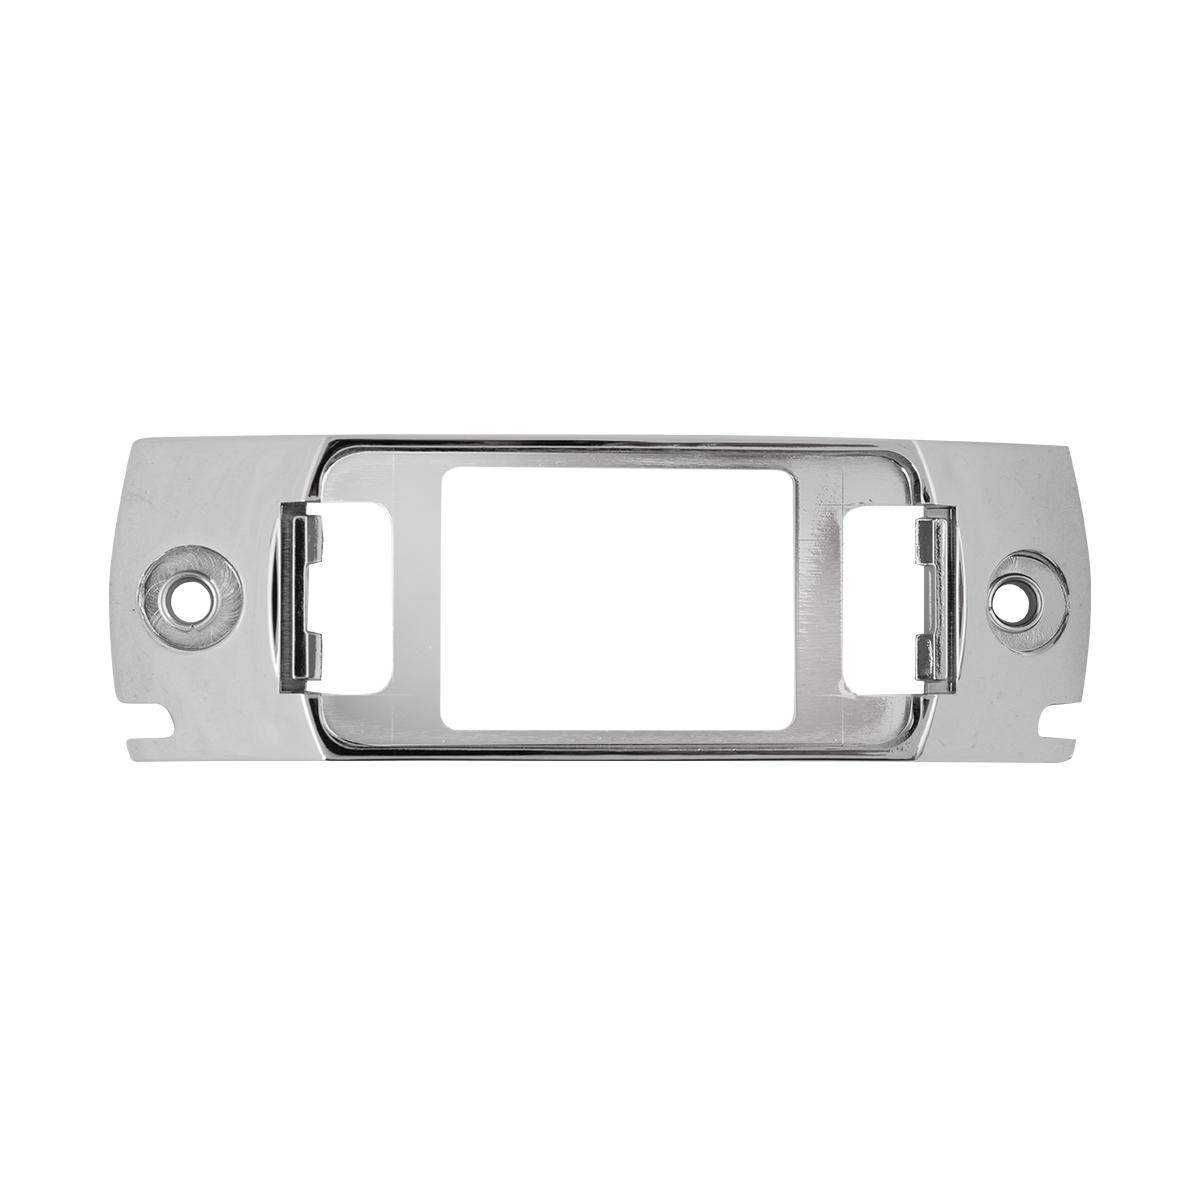 87669 Adapter Mount Rail Style Bracket for Small Rectangular Light